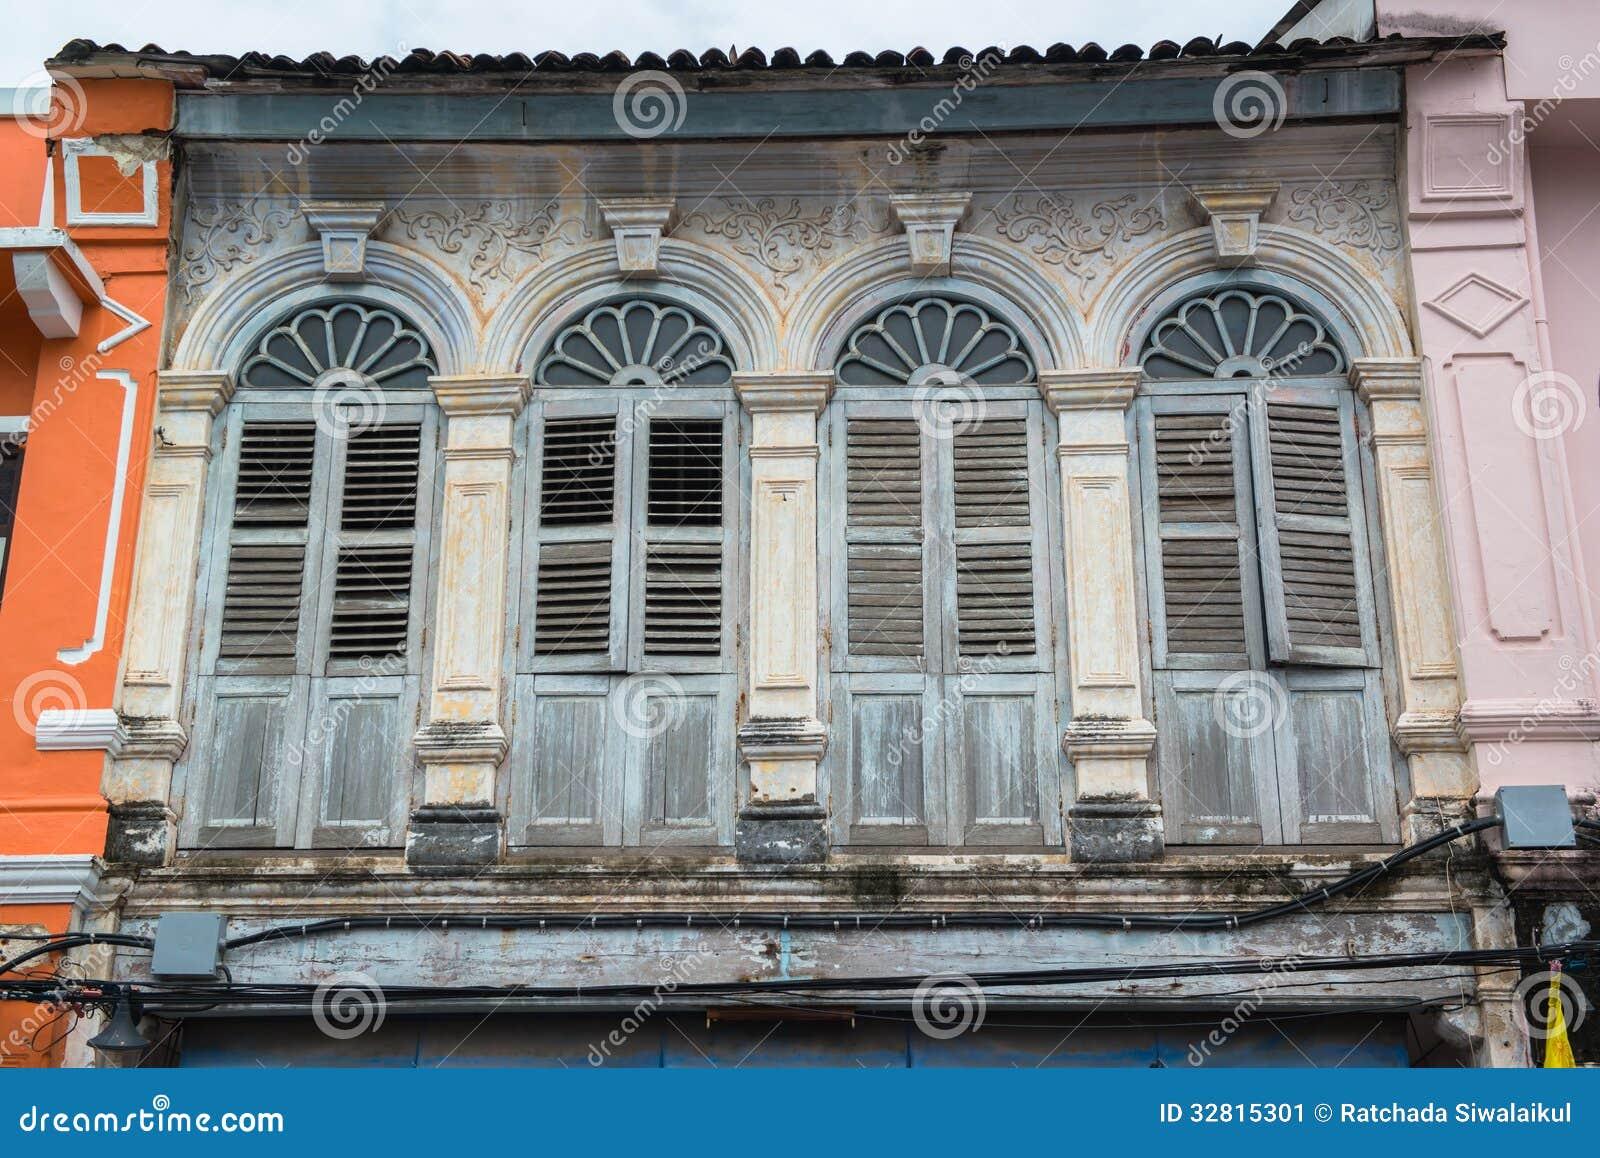 The european retro style old windows stock image image for European style windows